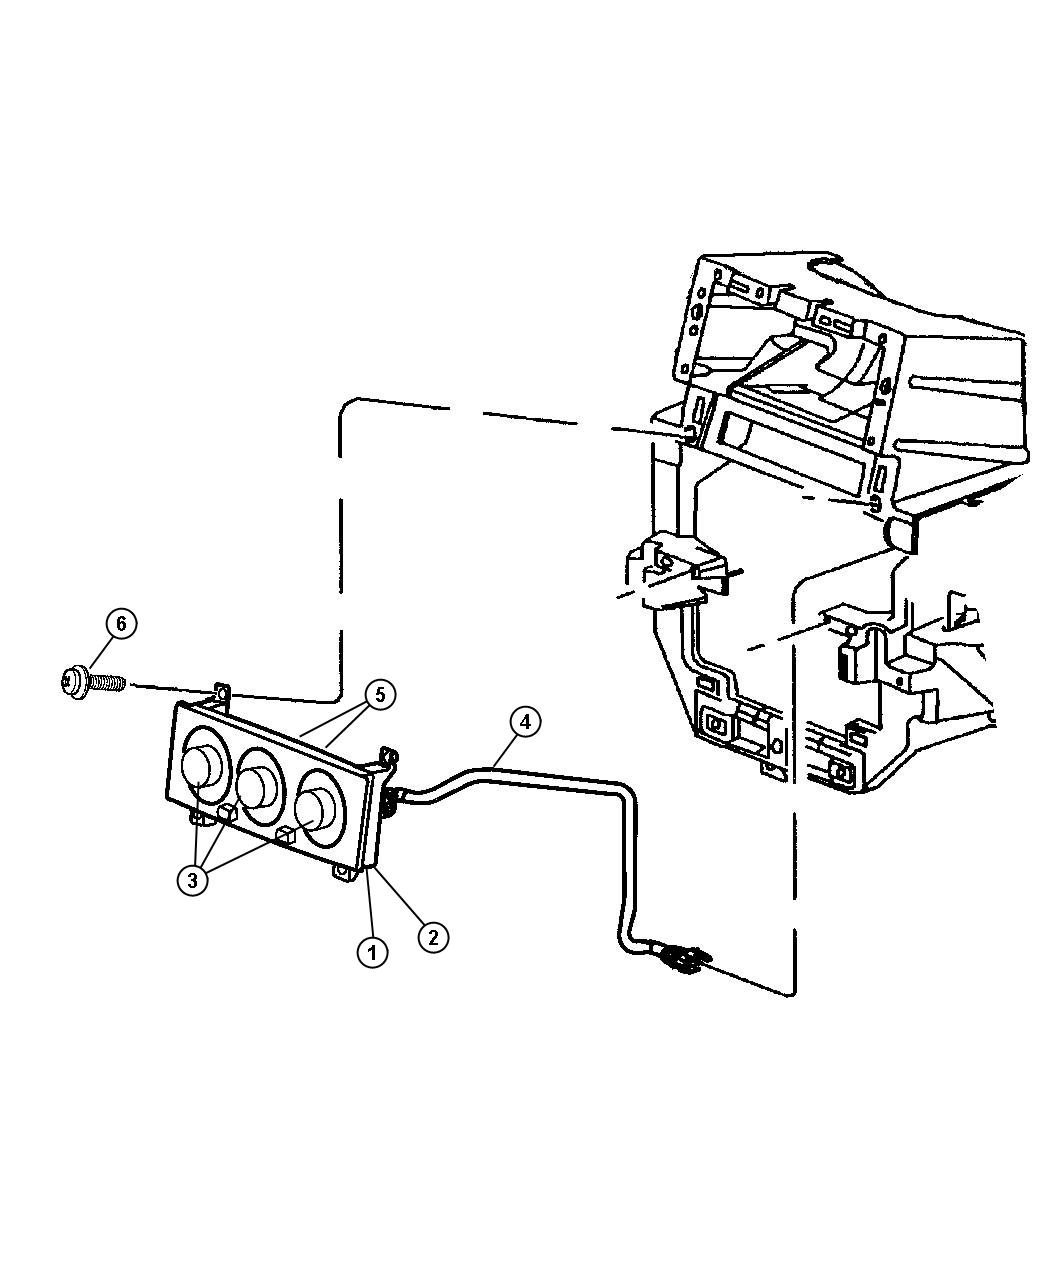 Jeep Grand Cherokee Control Auto Temp Control